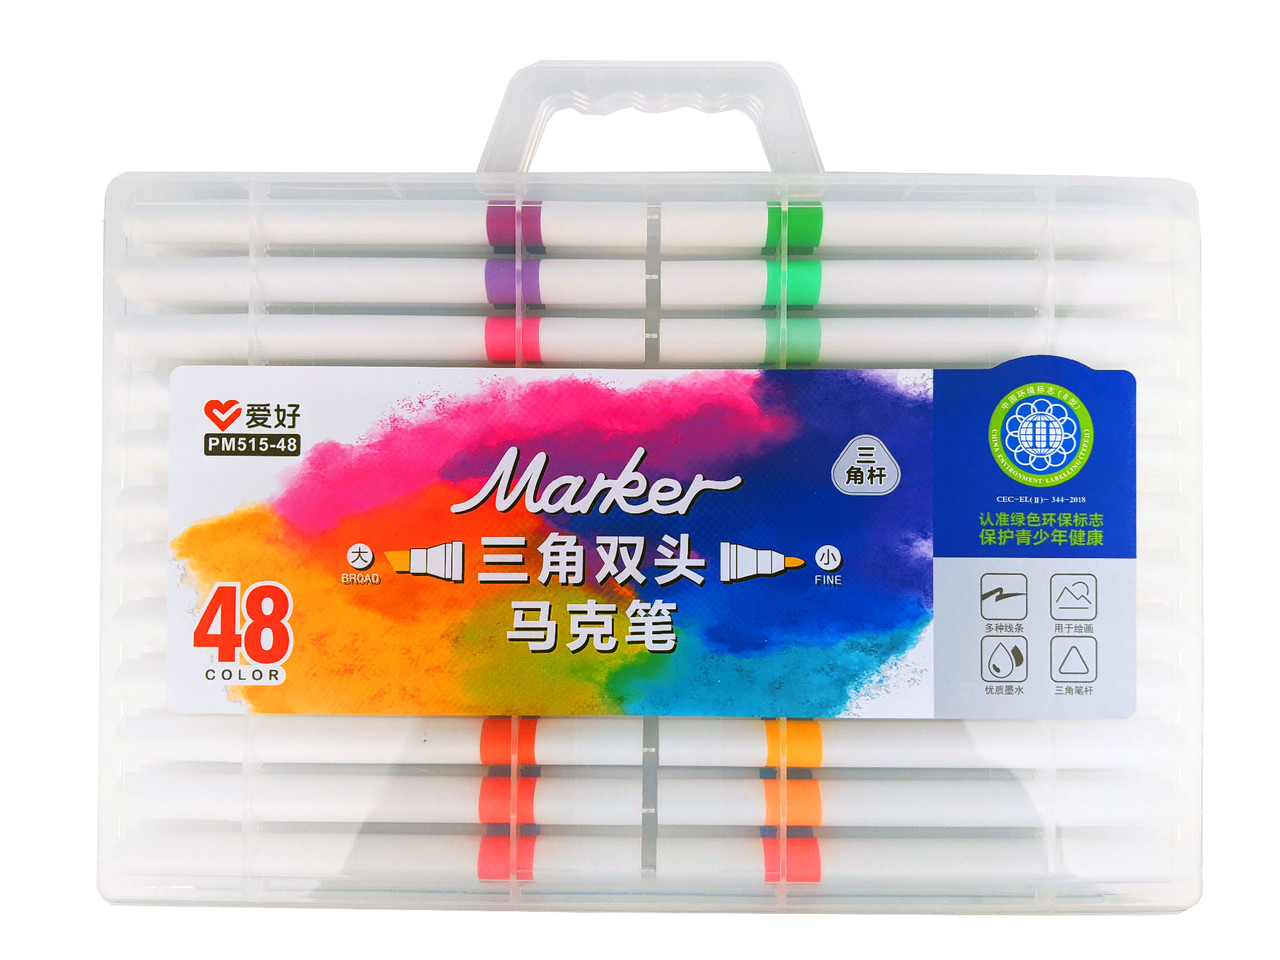 Набор скетч-маркеров 48 шт. для рисования двусторонних Aihao sketchmarker код: PM515-48